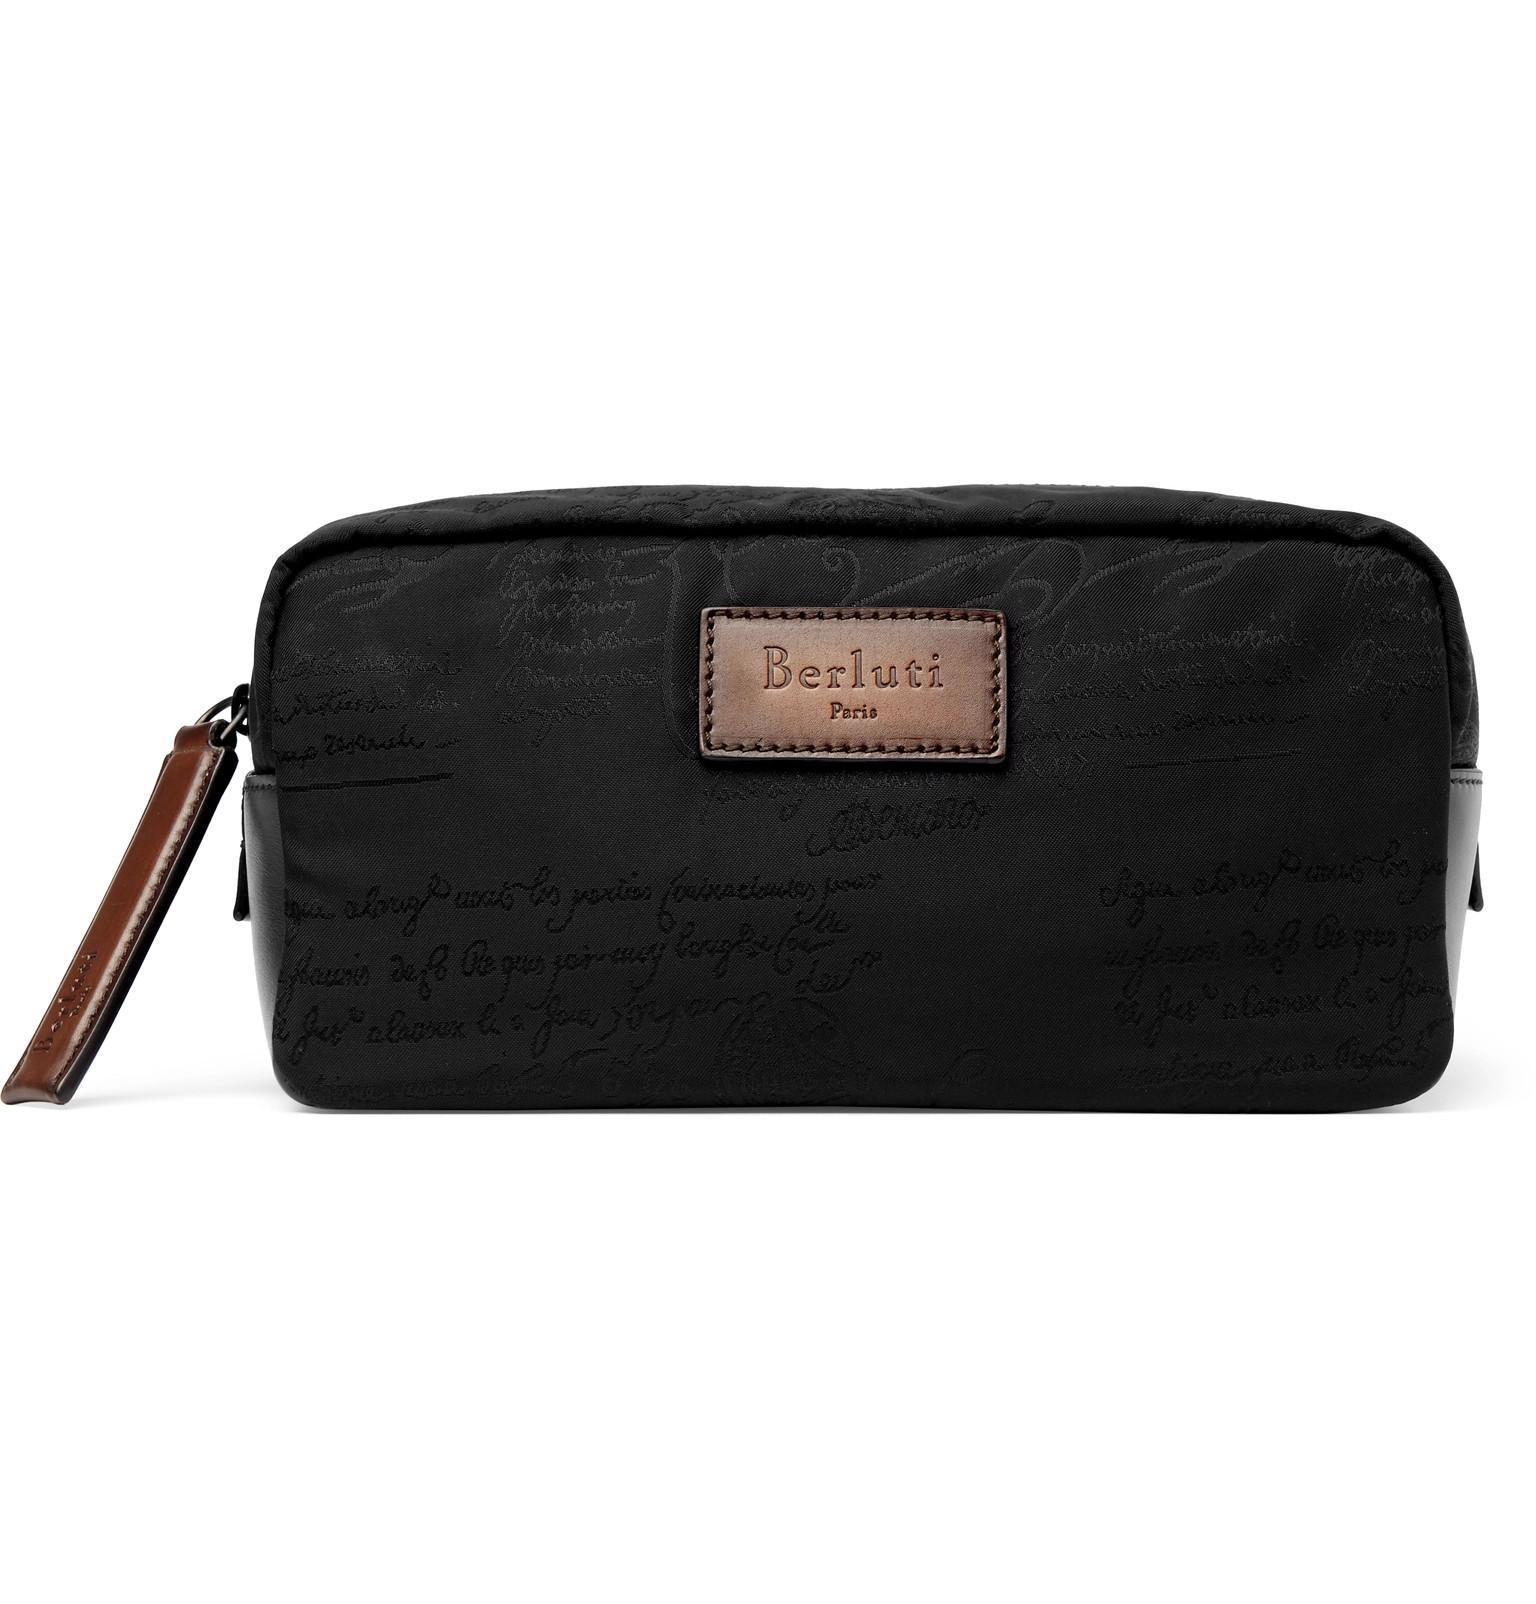 4081b5a6f2f Lyst - Berluti Scritto Leather-trimmed Nylon Wash Bag in Black for Men